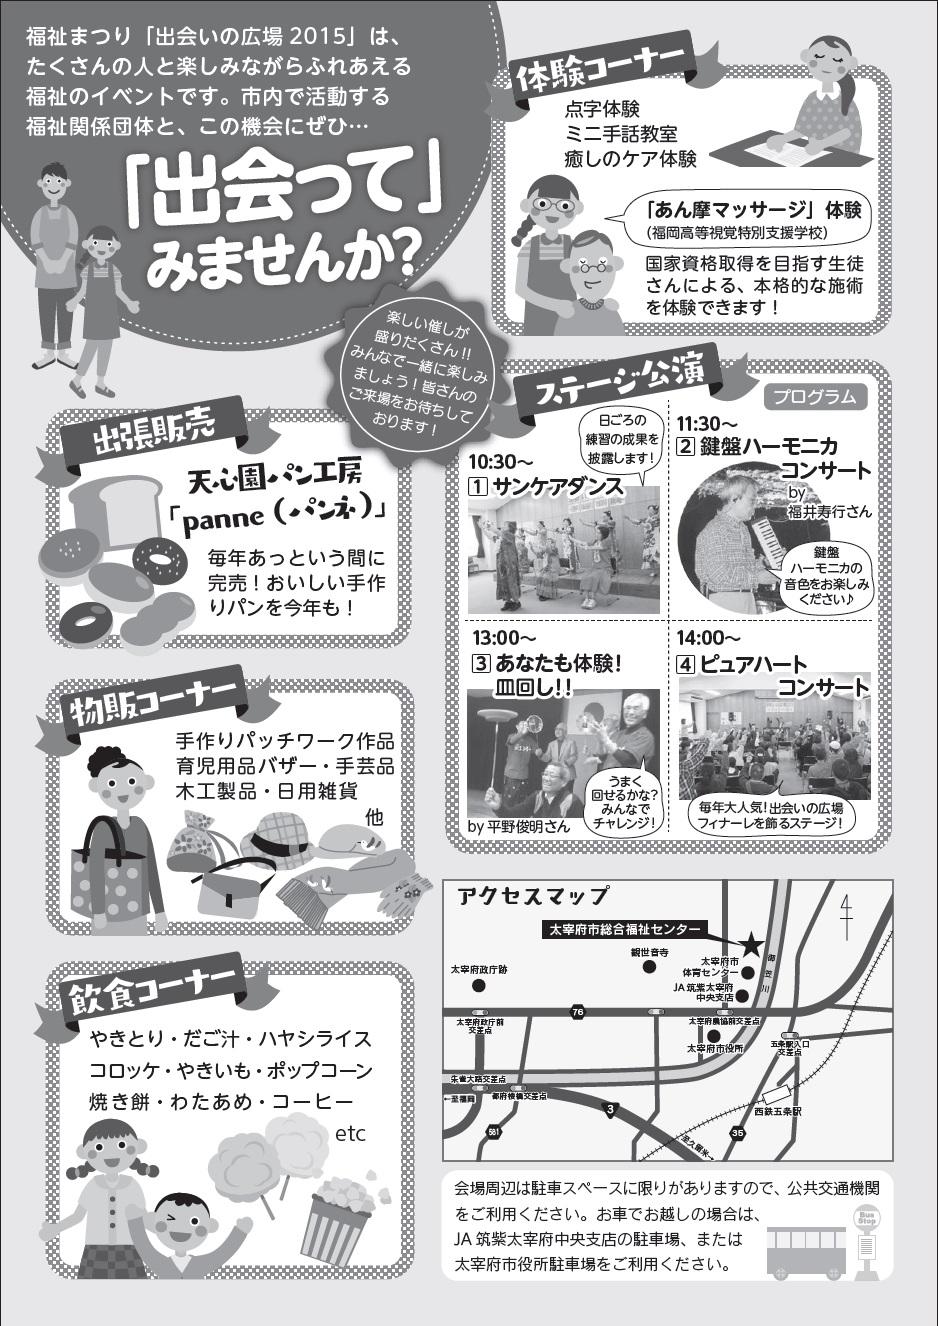 deainohiroba2015_ura